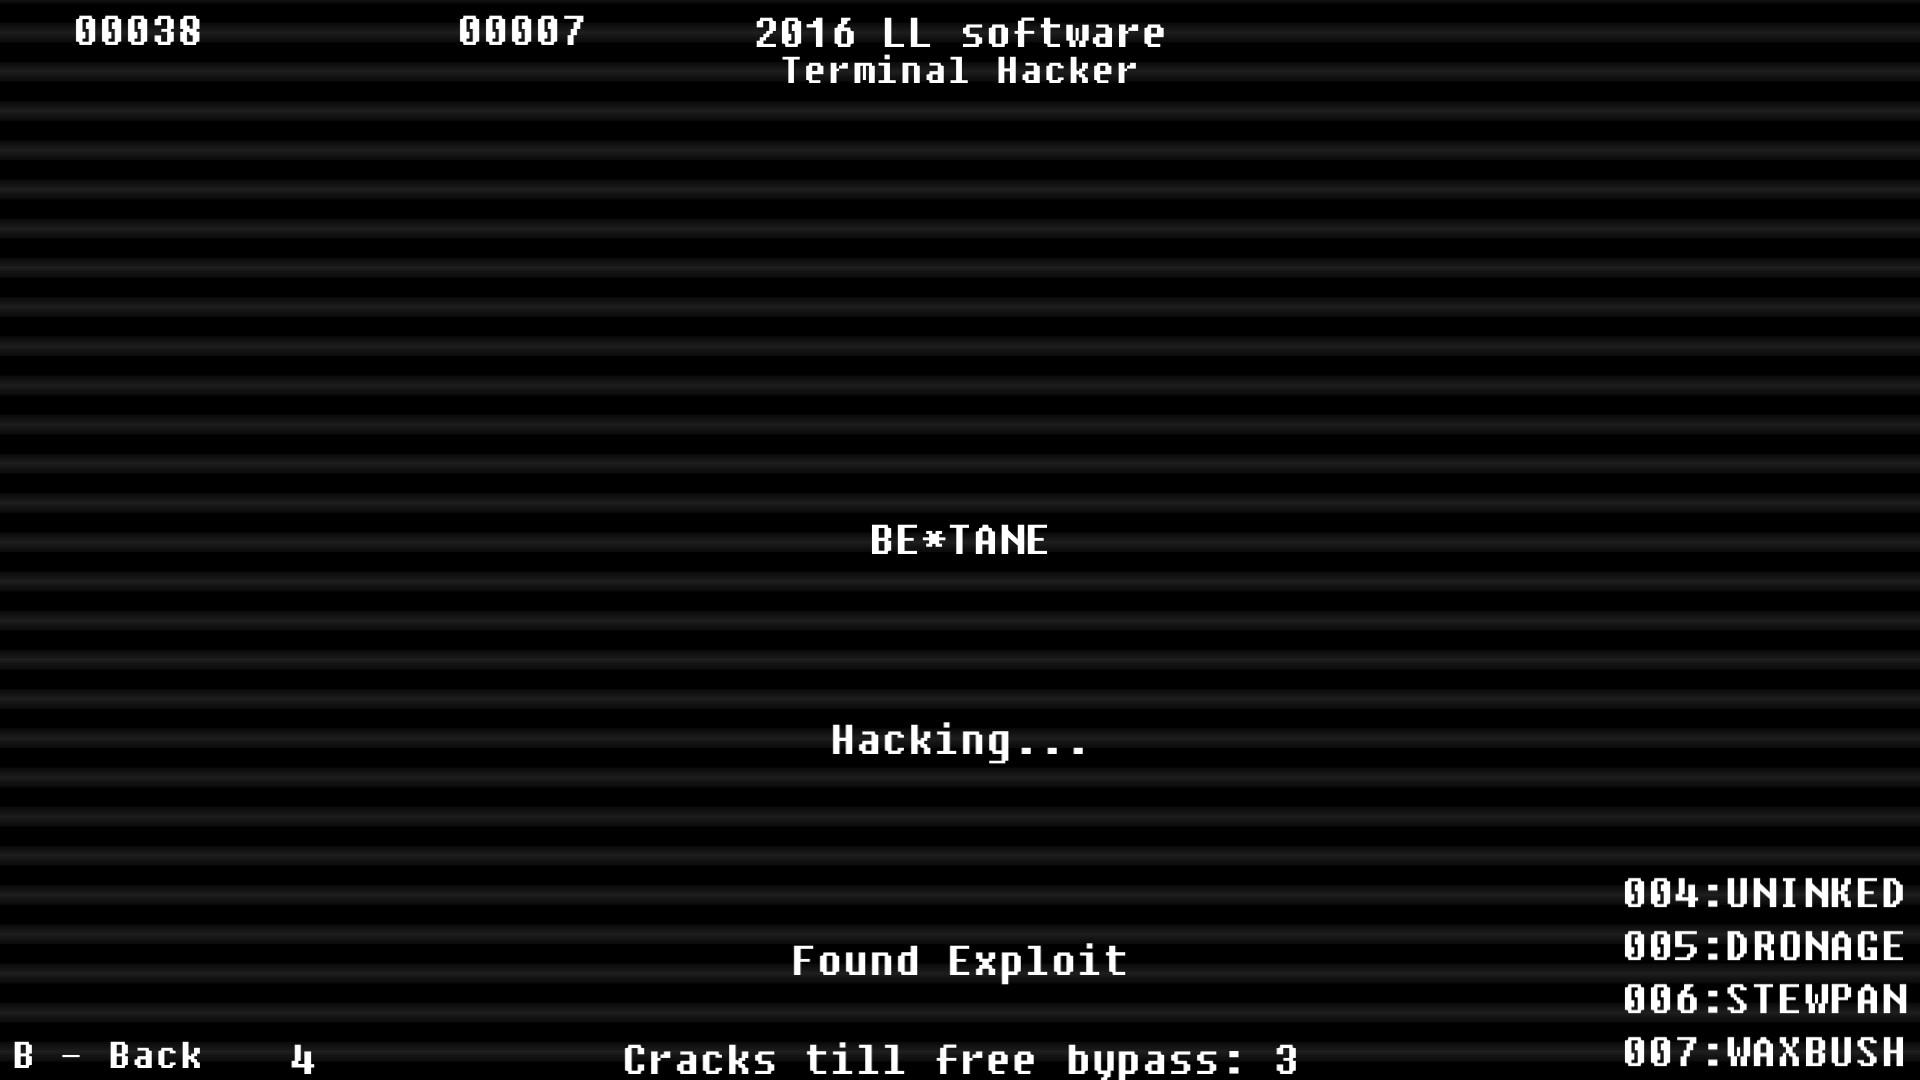 Terminal Hacker on Steam